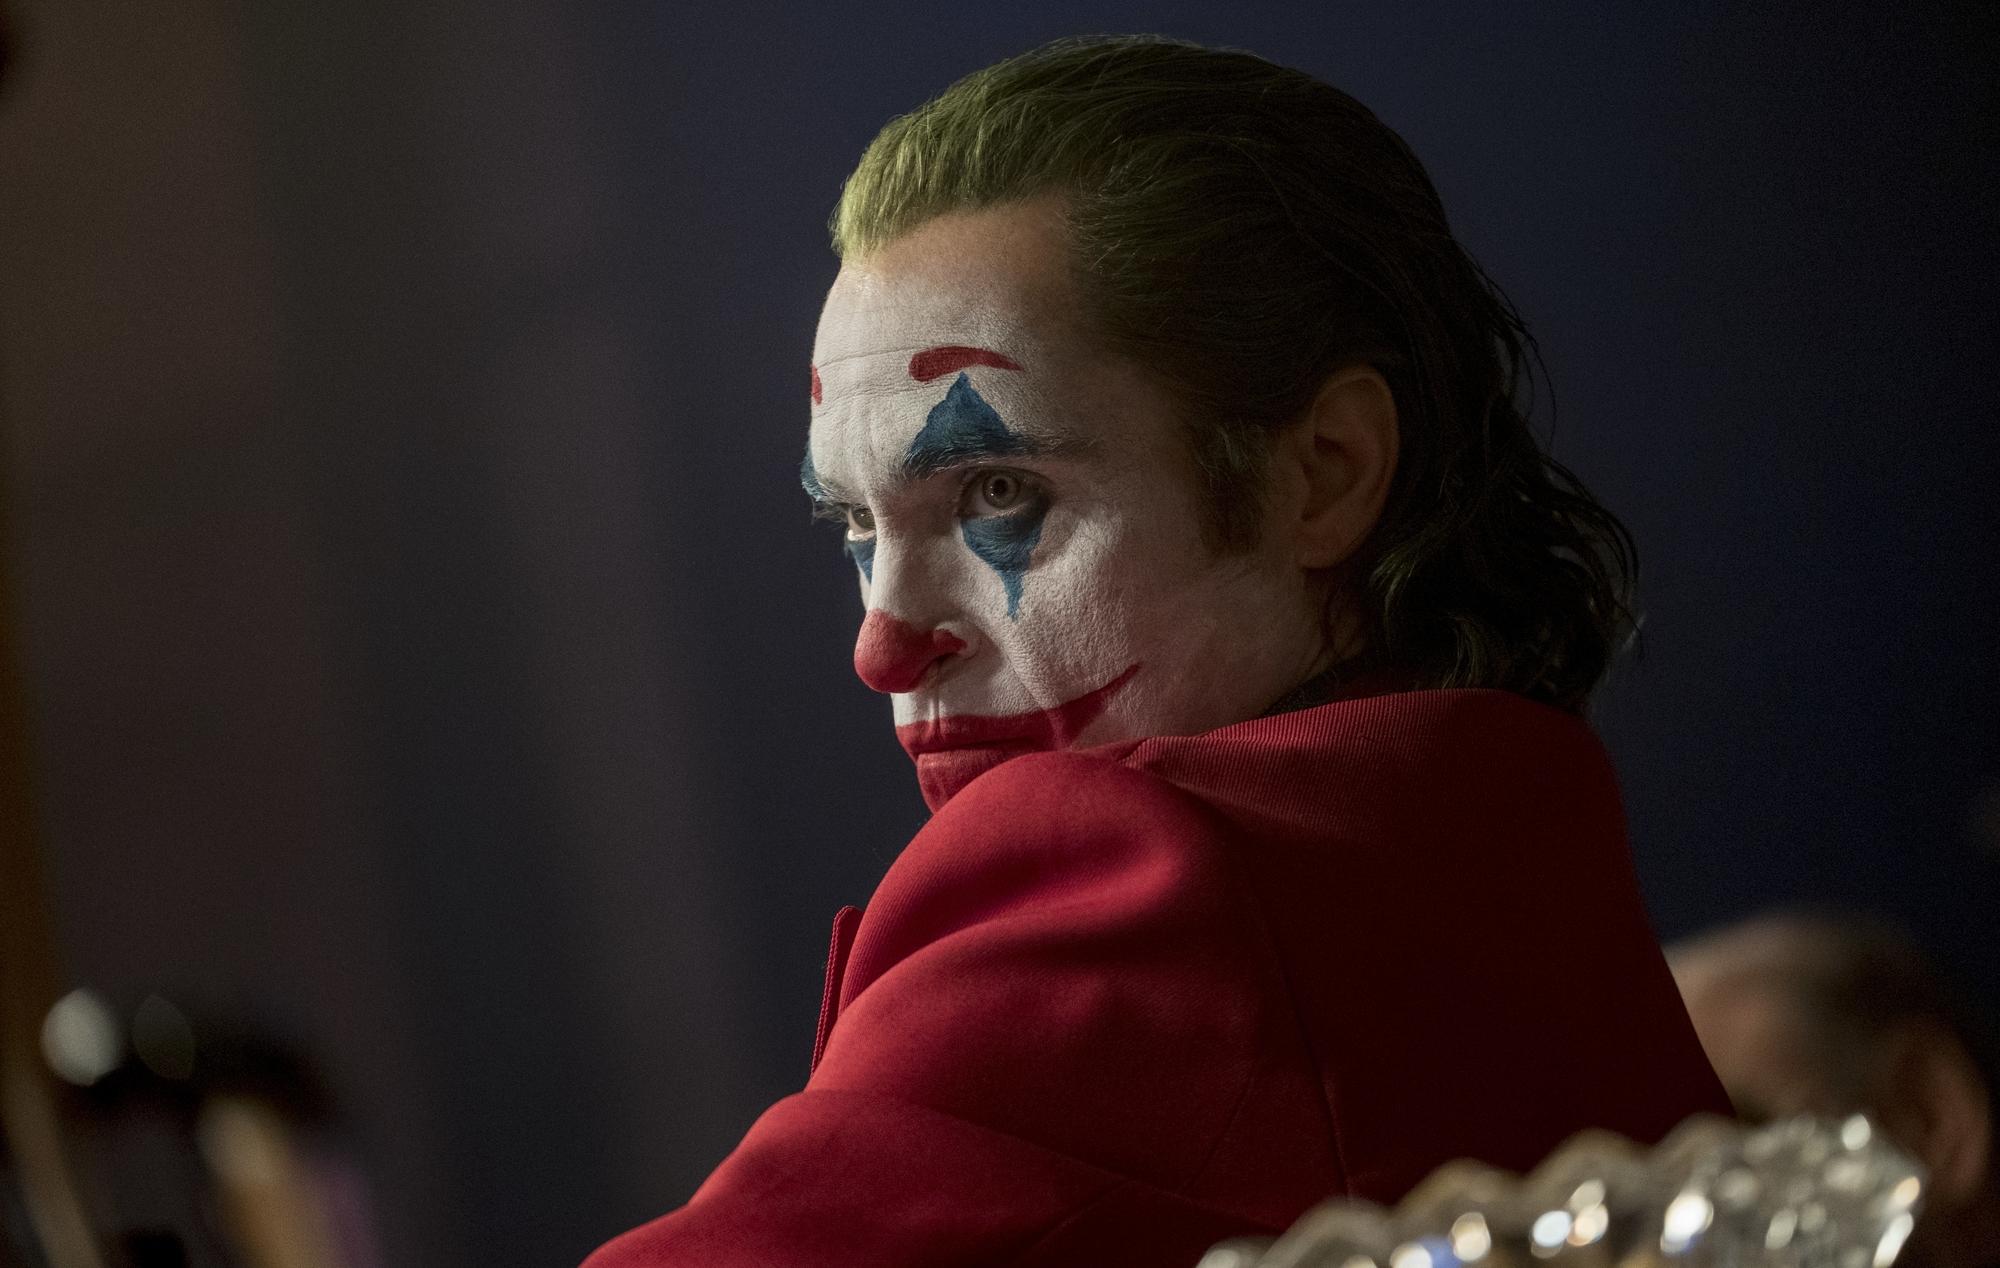 Joker - rosną prognozy box office. Krążący po sieci scenariusz nieaktualny